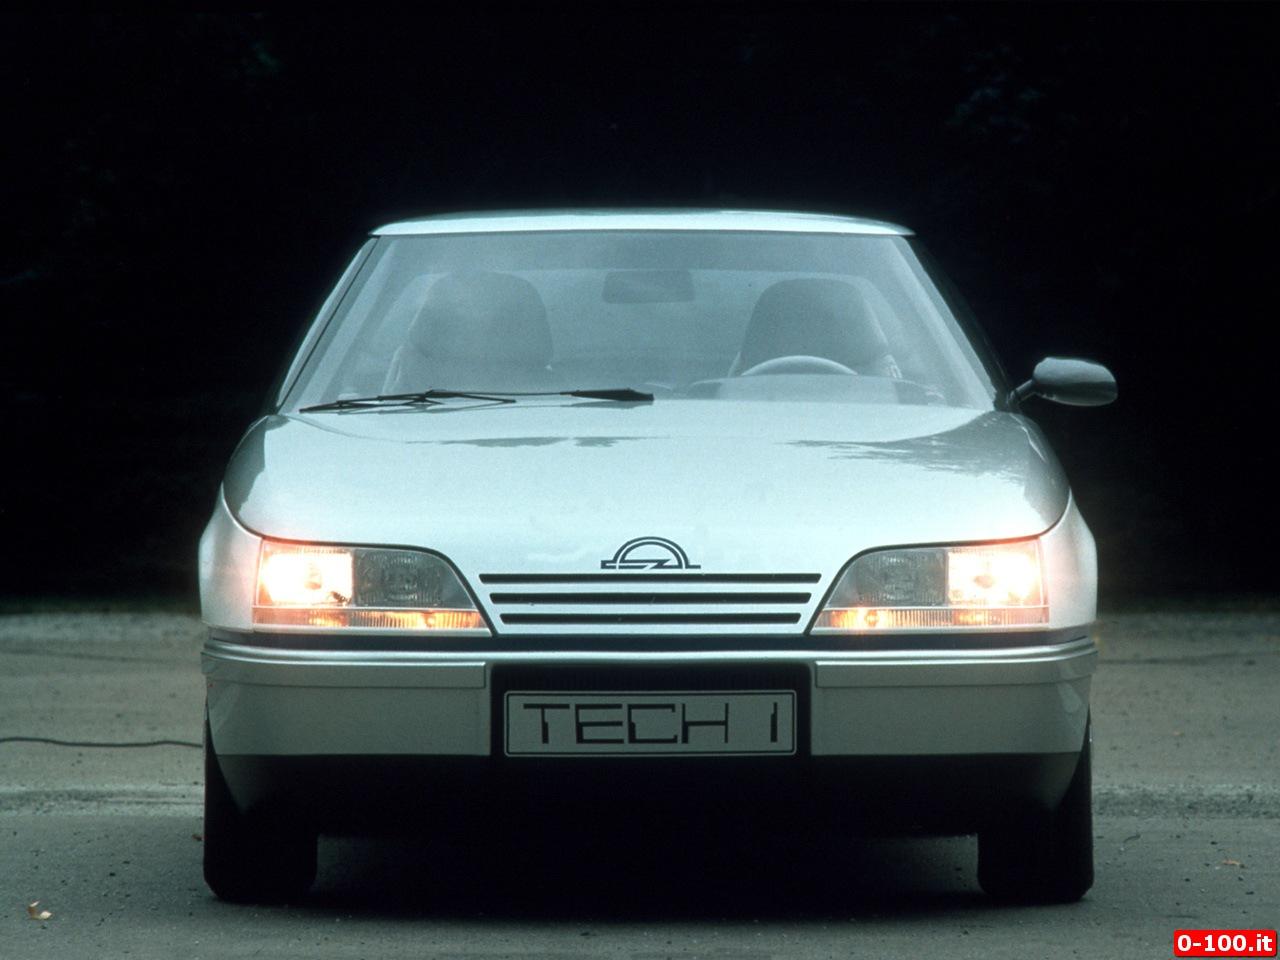 Opel_TECH1-0-100_3